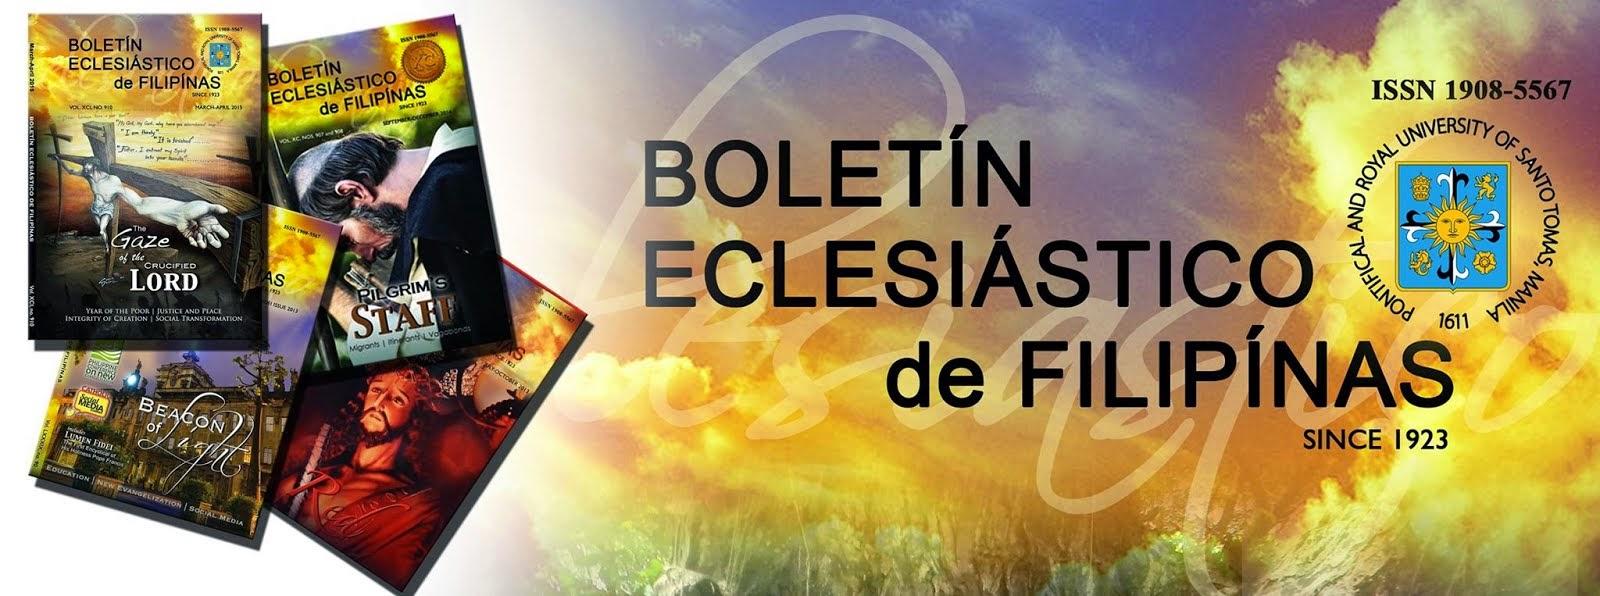 Boletín Eclesiástico de Filipínas (since 1923)